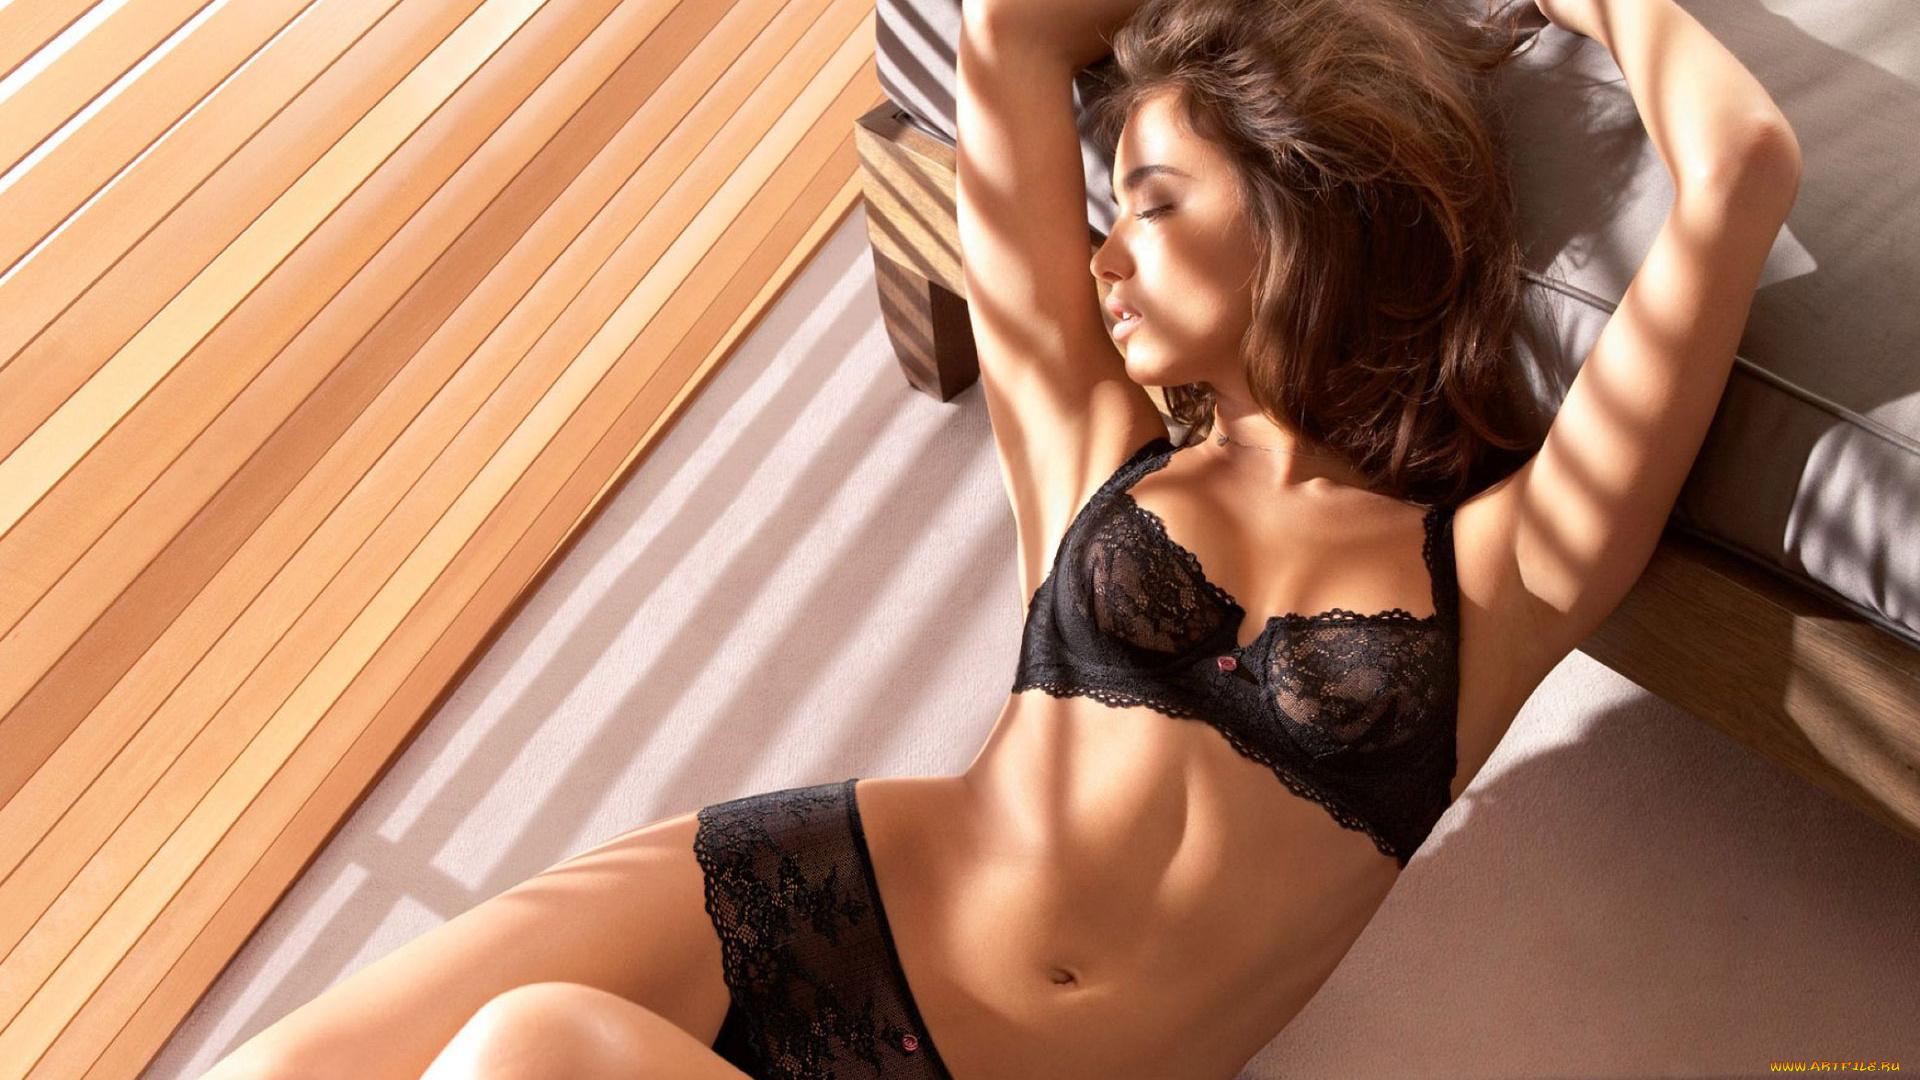 Сексуальне красивые девушки, Порно видео с красивыми и миловидными девушками 13 фотография